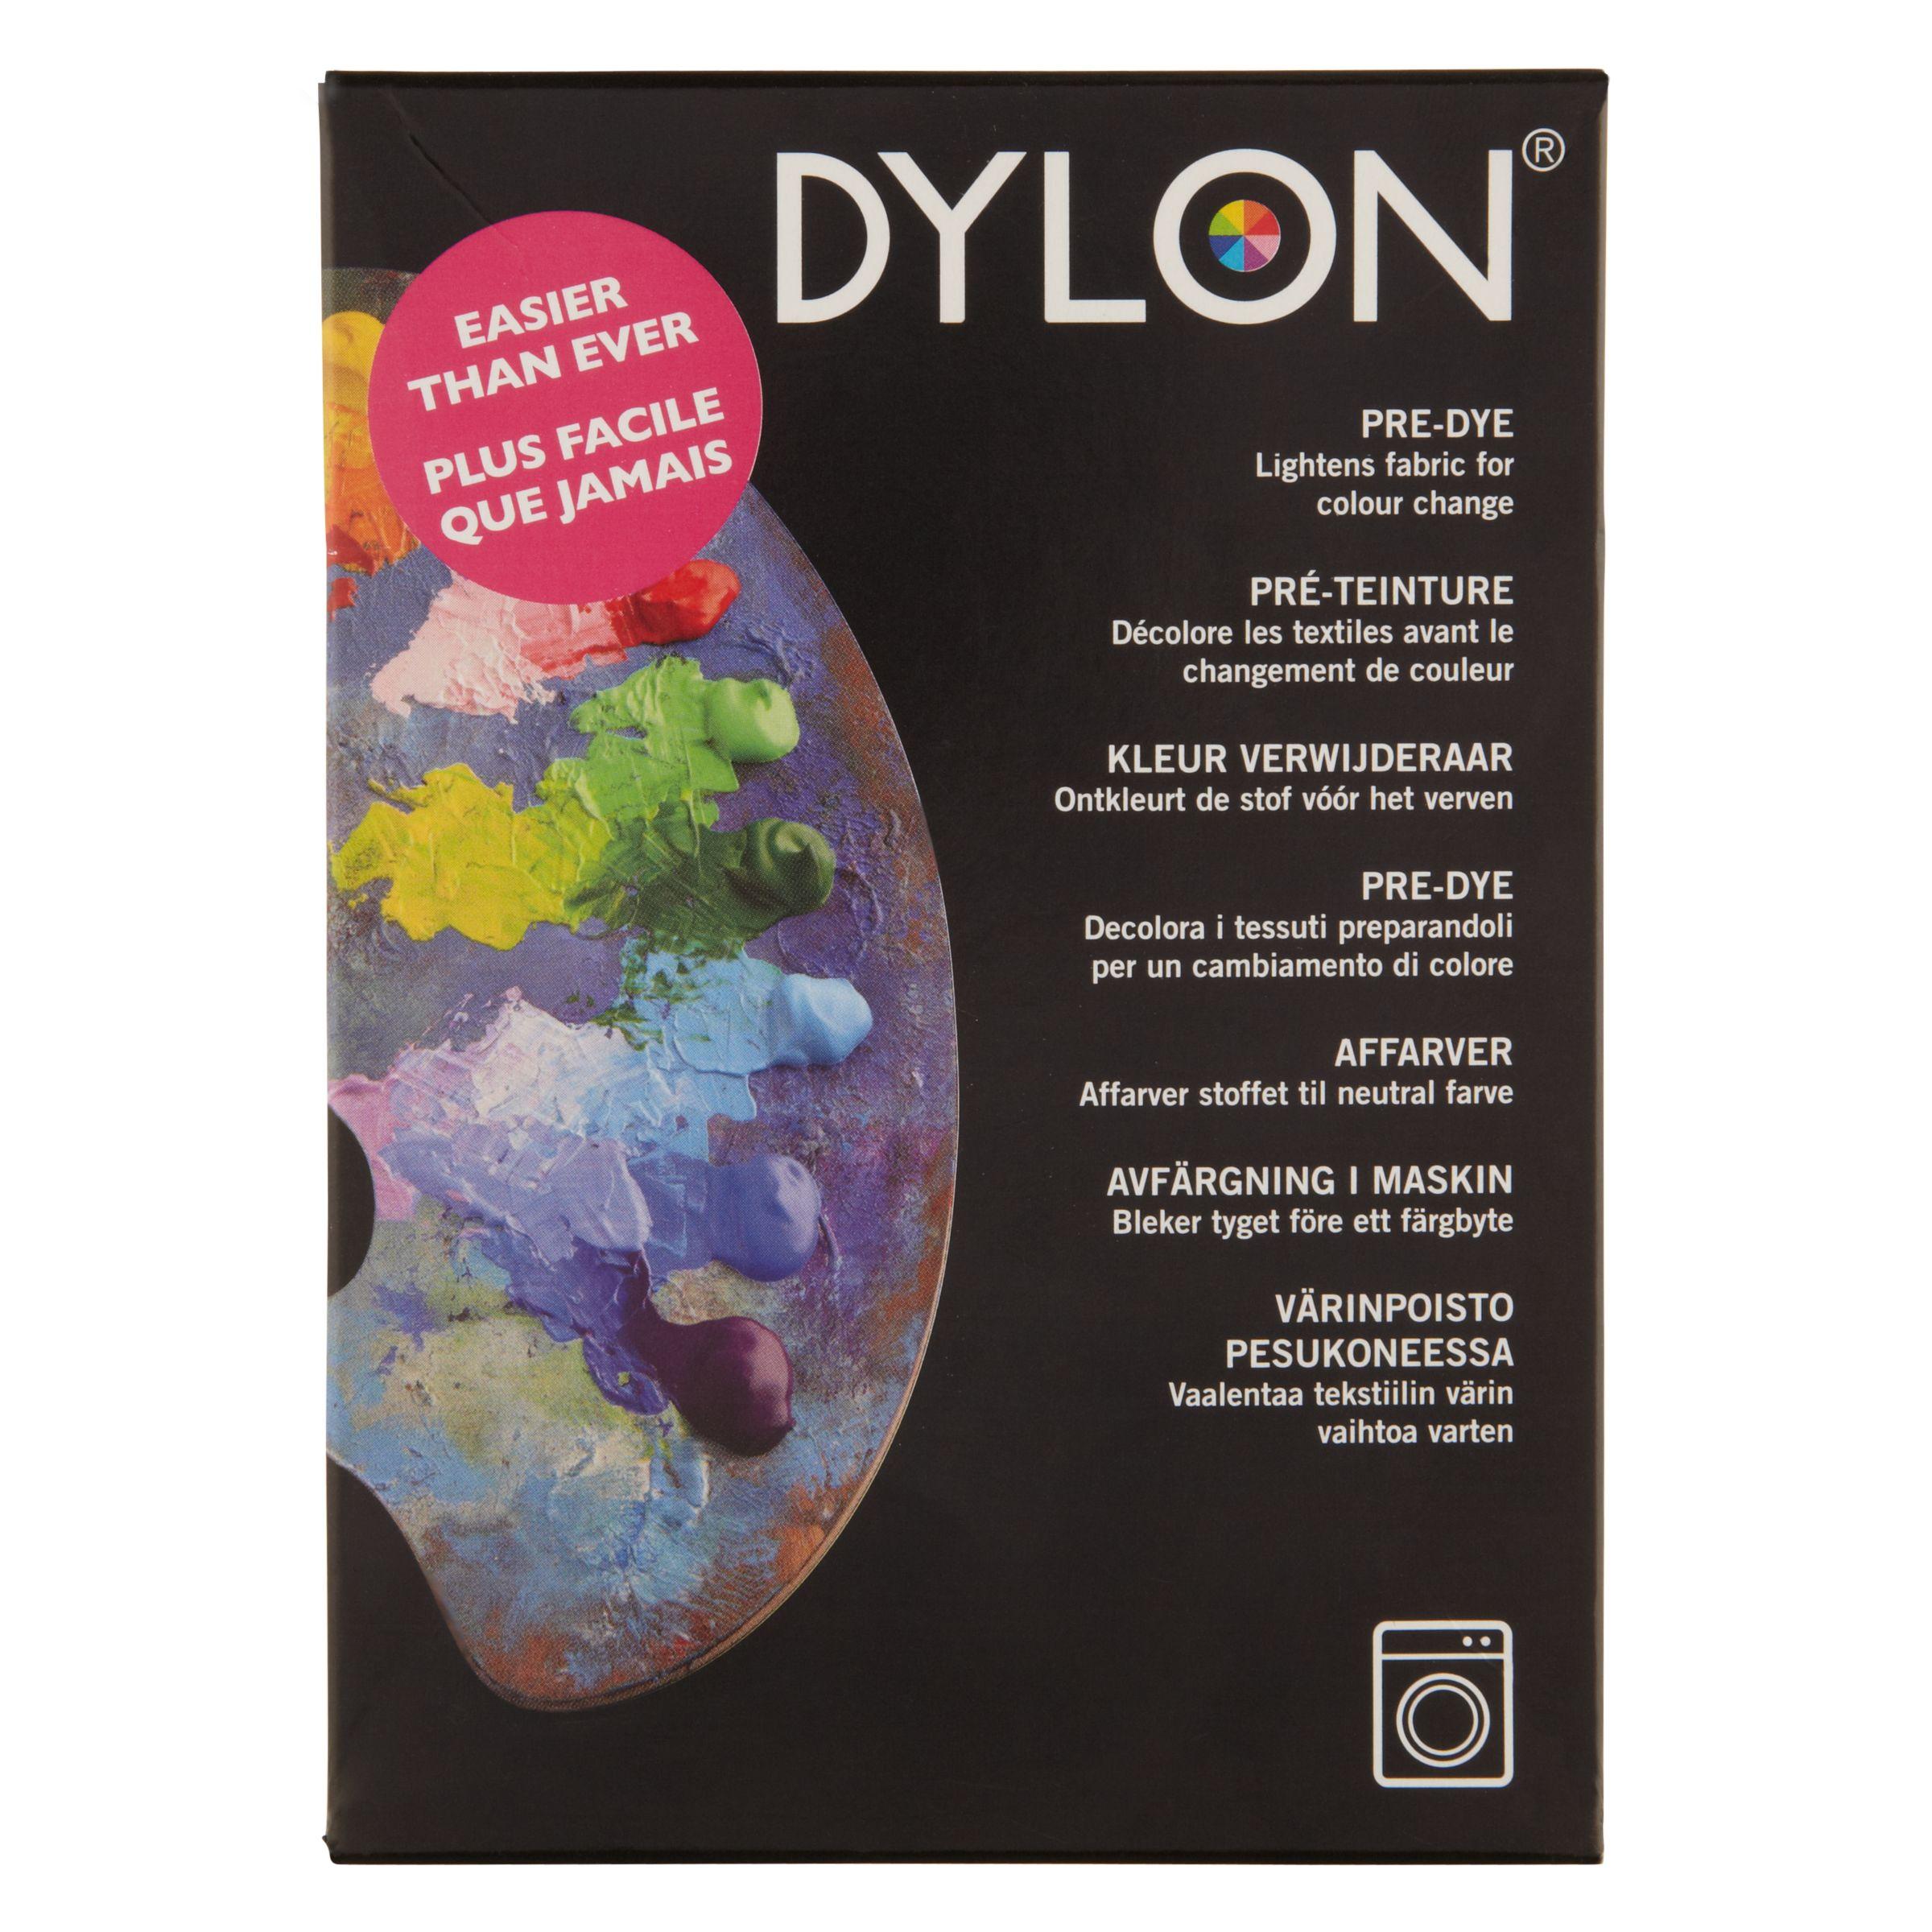 Dylon Dylon Fabric Pre-Dye, 600g